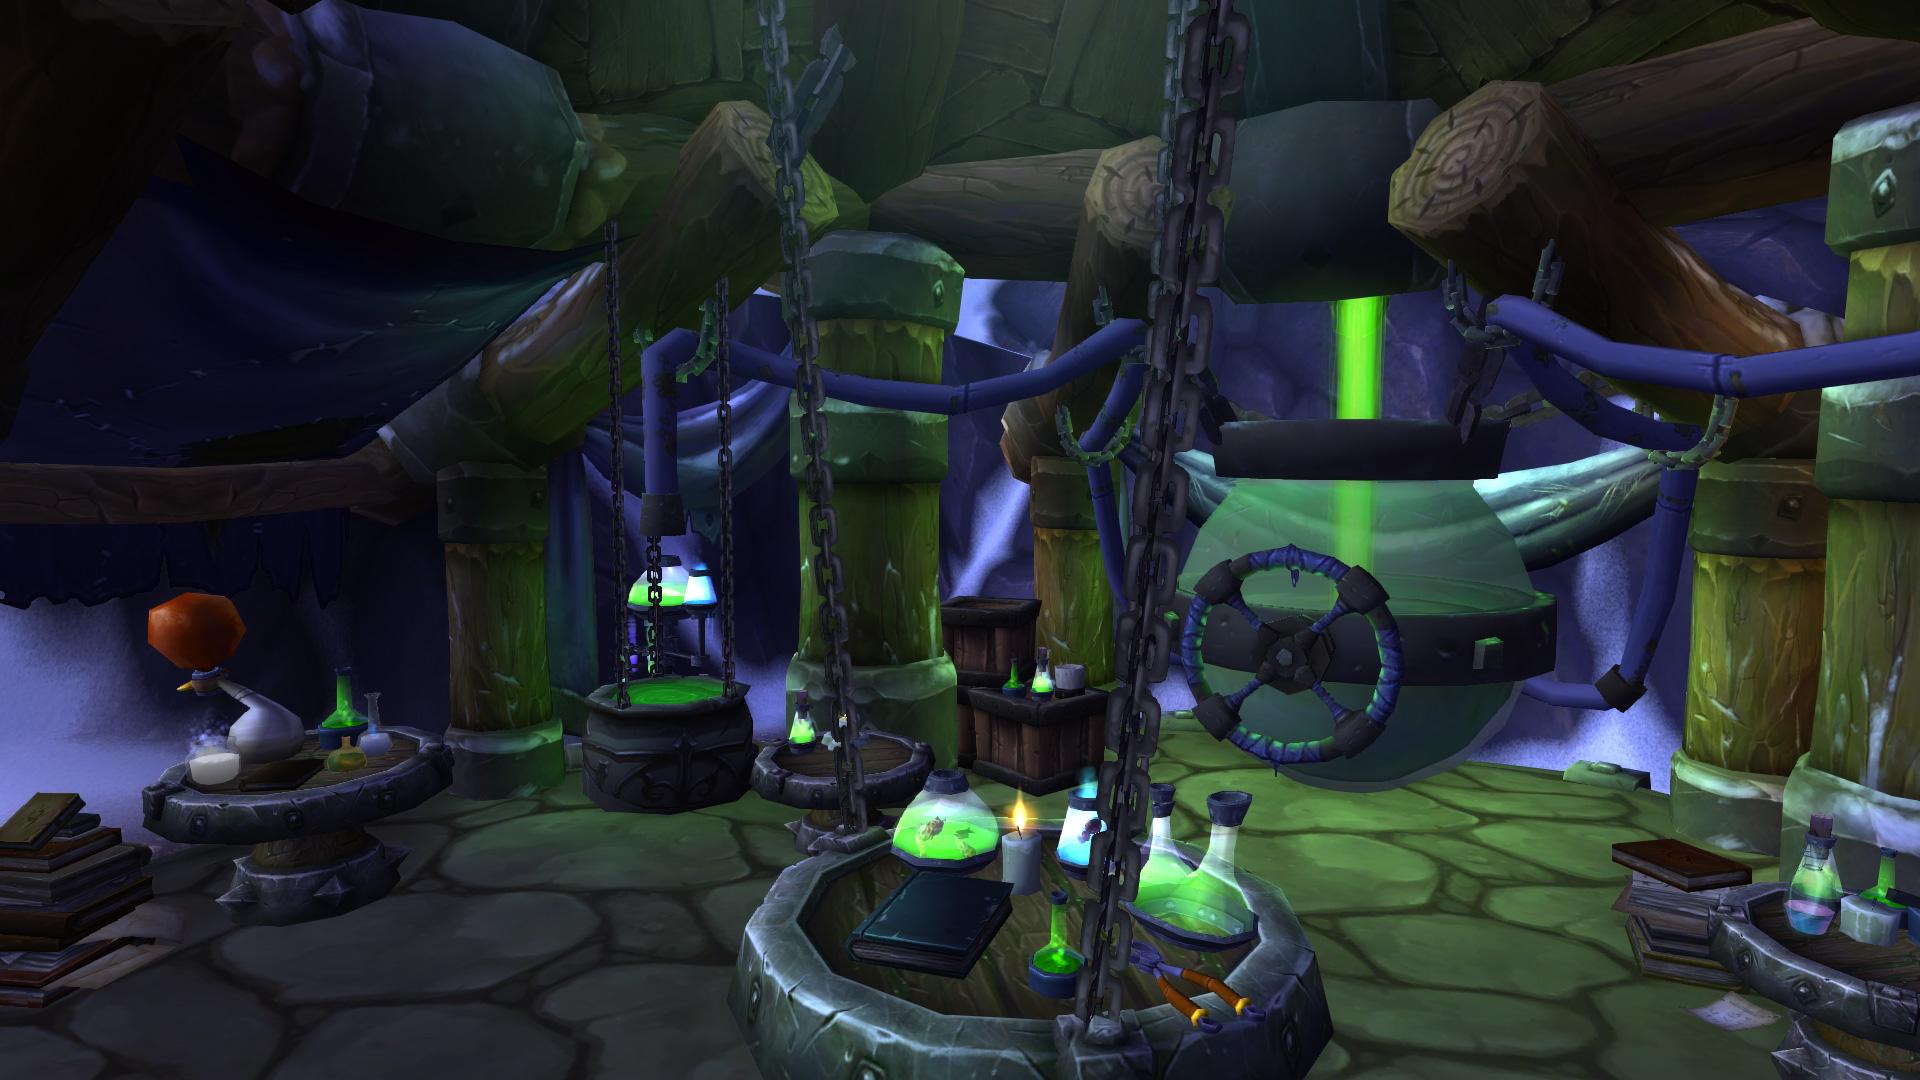 alchemy lab wow 5.4